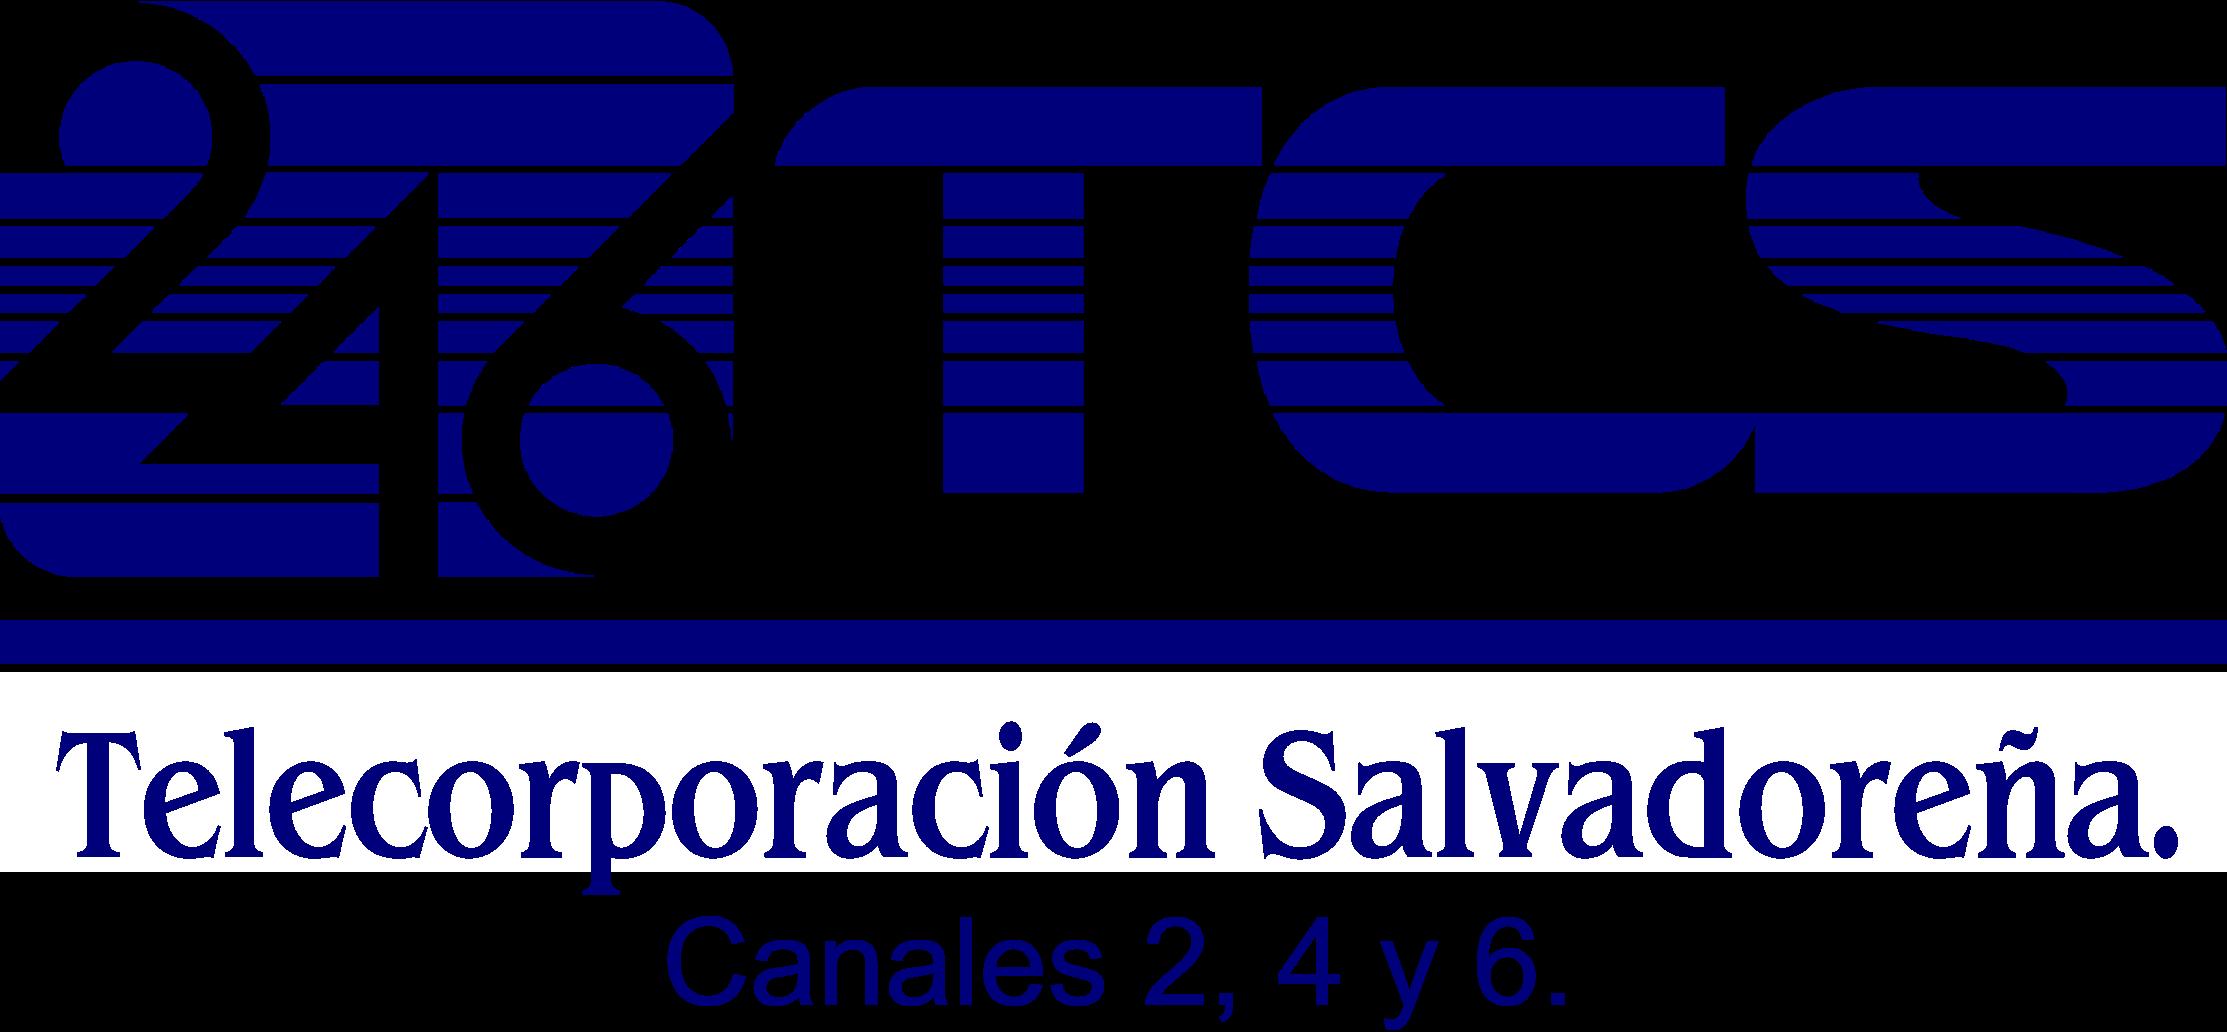 Telecorporación Salvadoreña